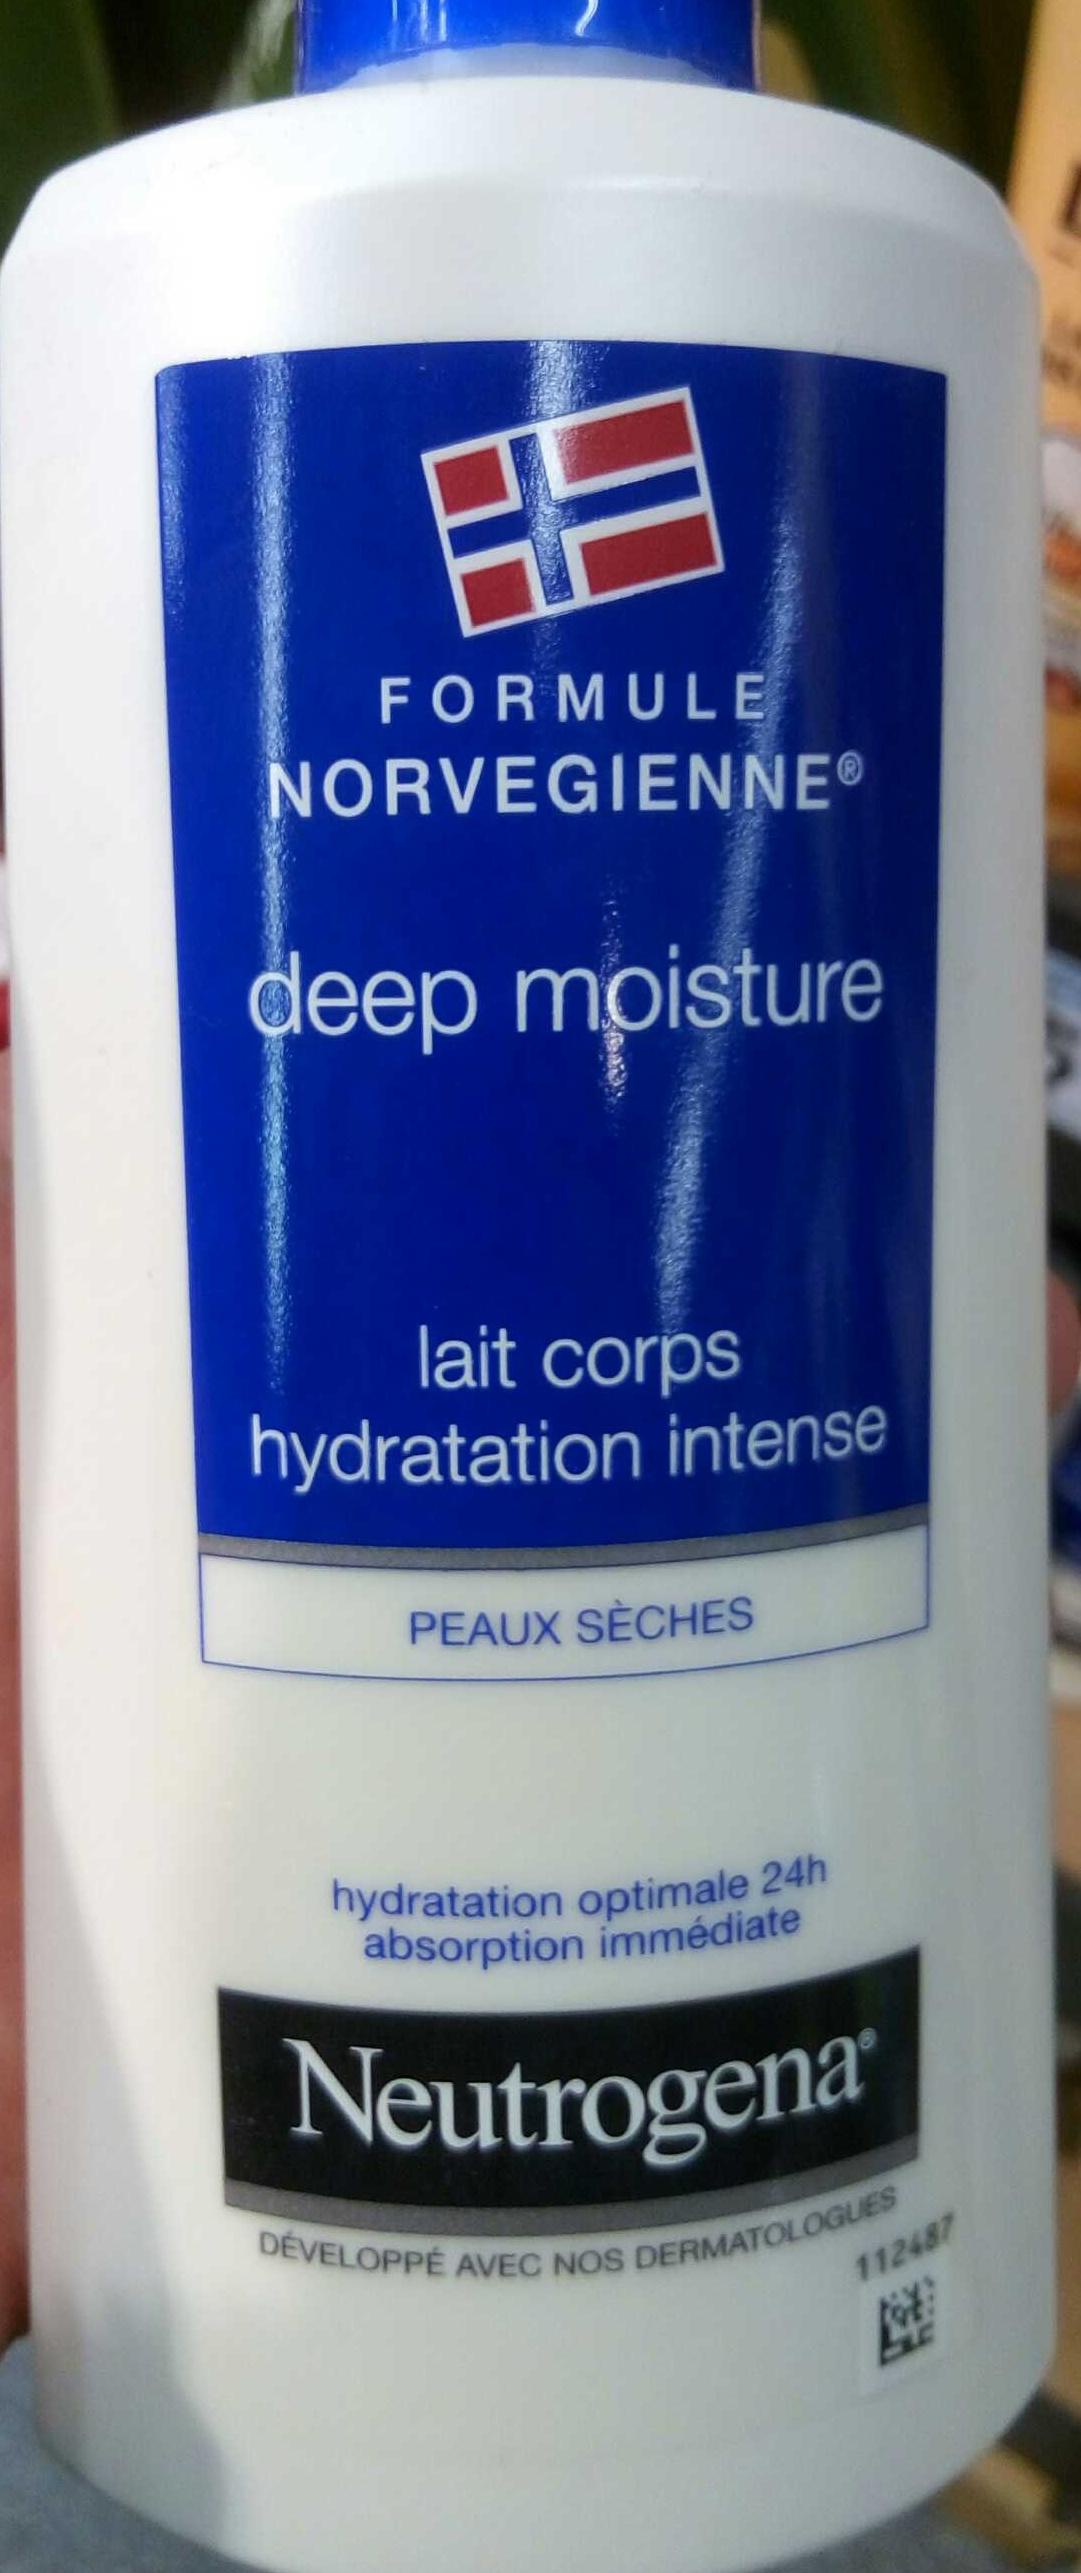 Deep Moitsure formule Norvégienne Lait Corps Hydratation Intense - Produit